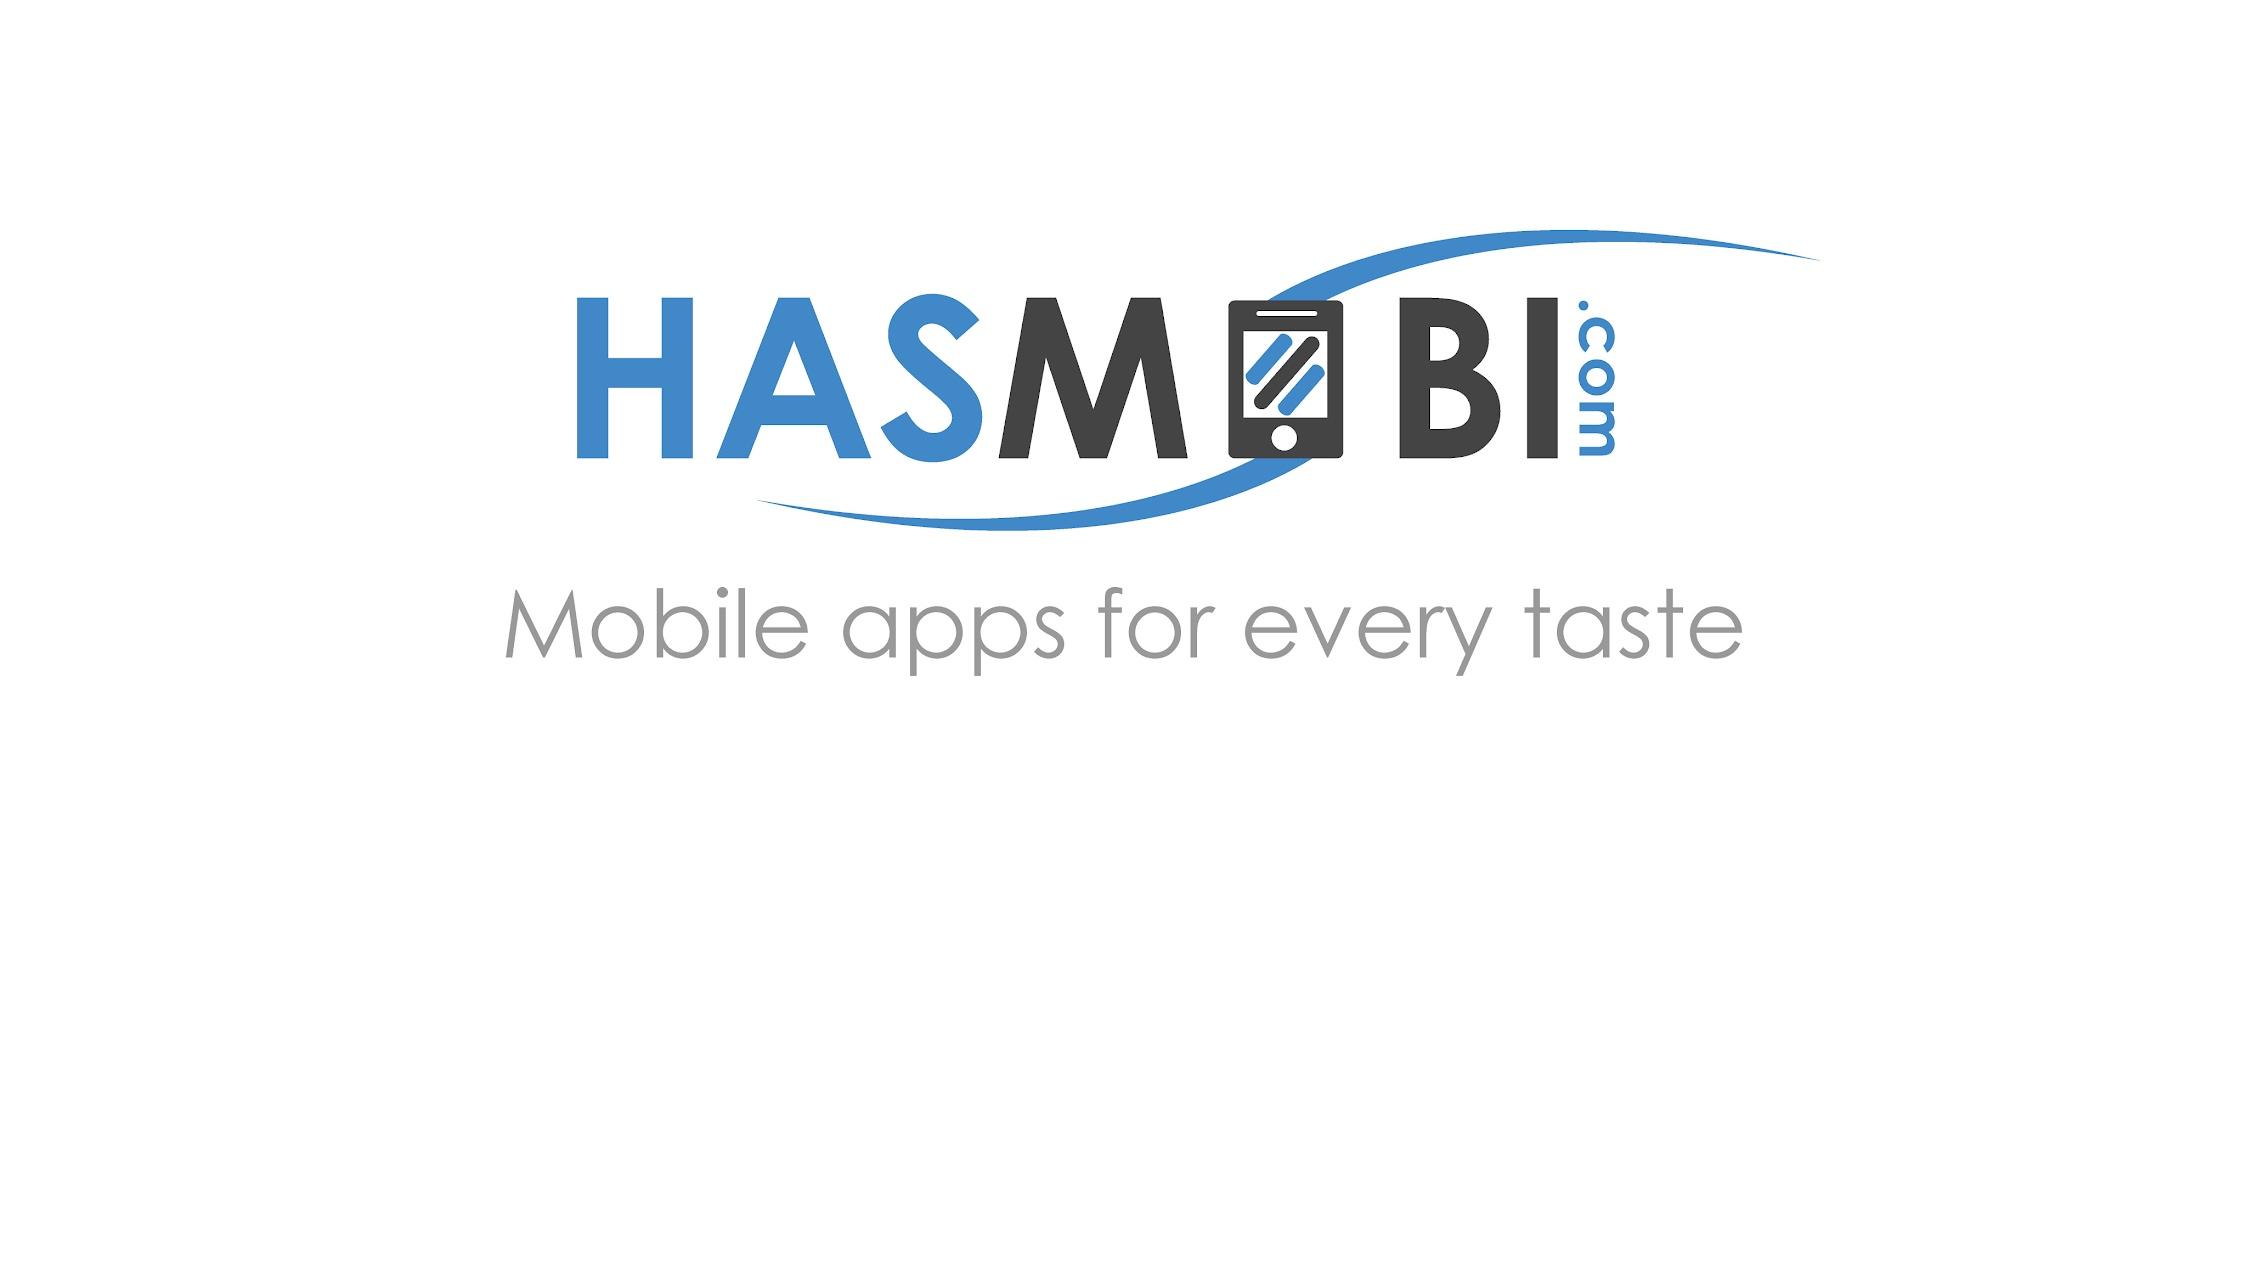 hasMobi.com